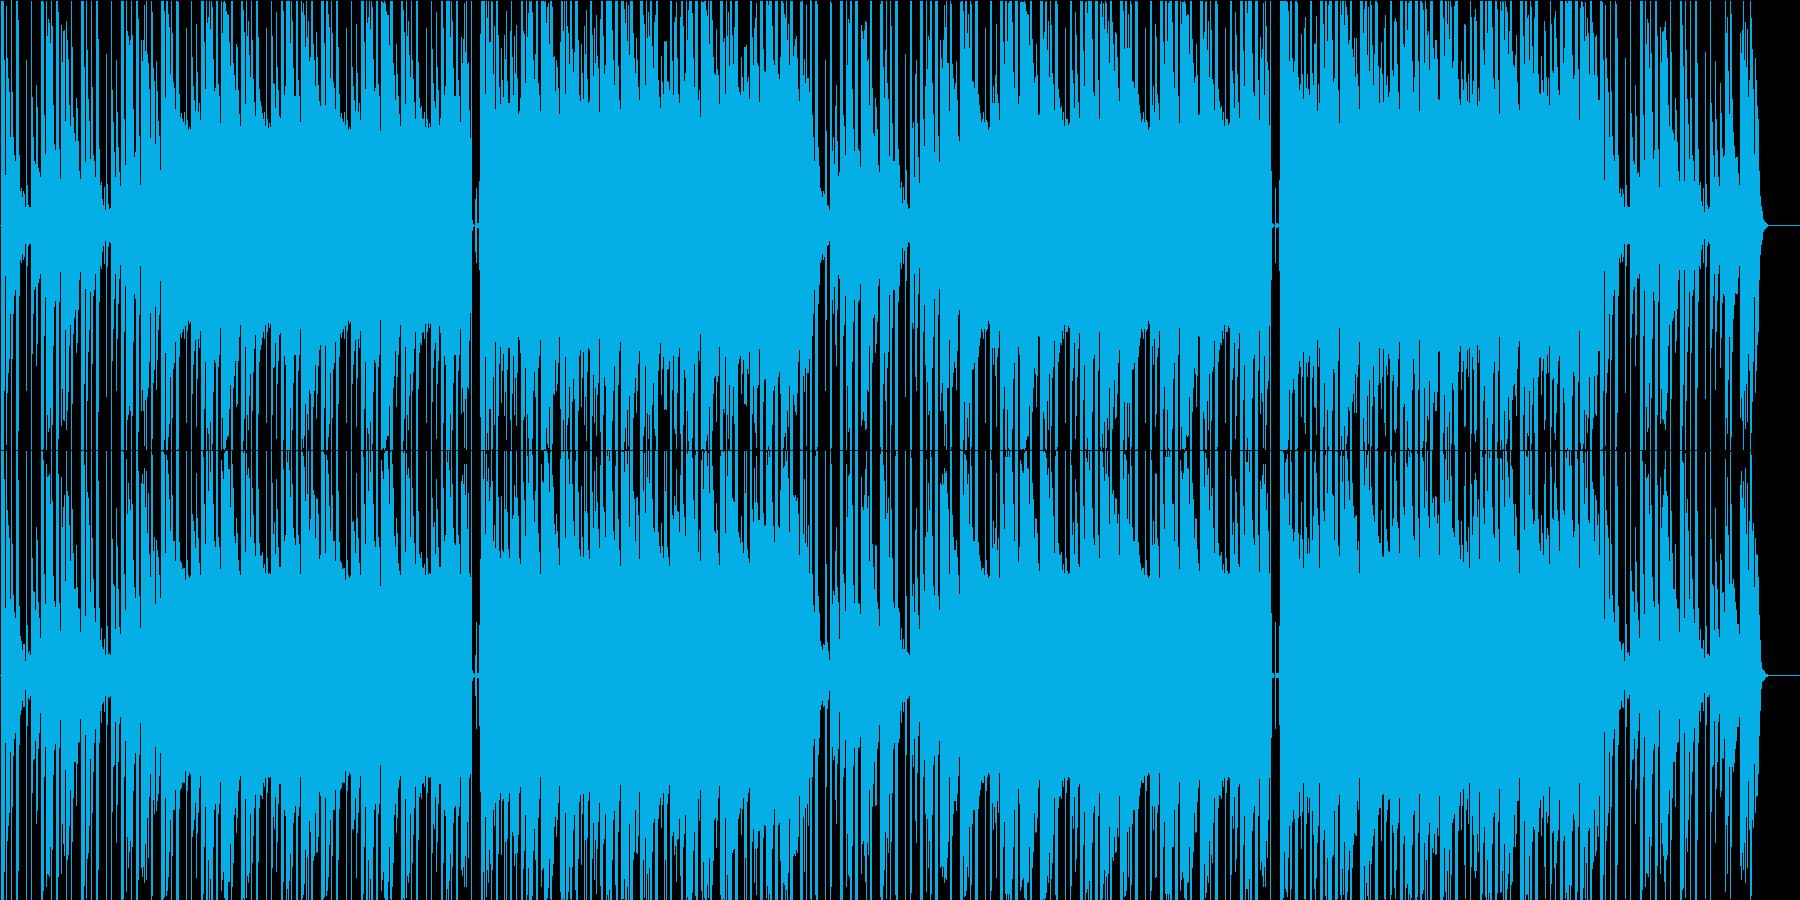 リラックスできるLO-FI曲の再生済みの波形